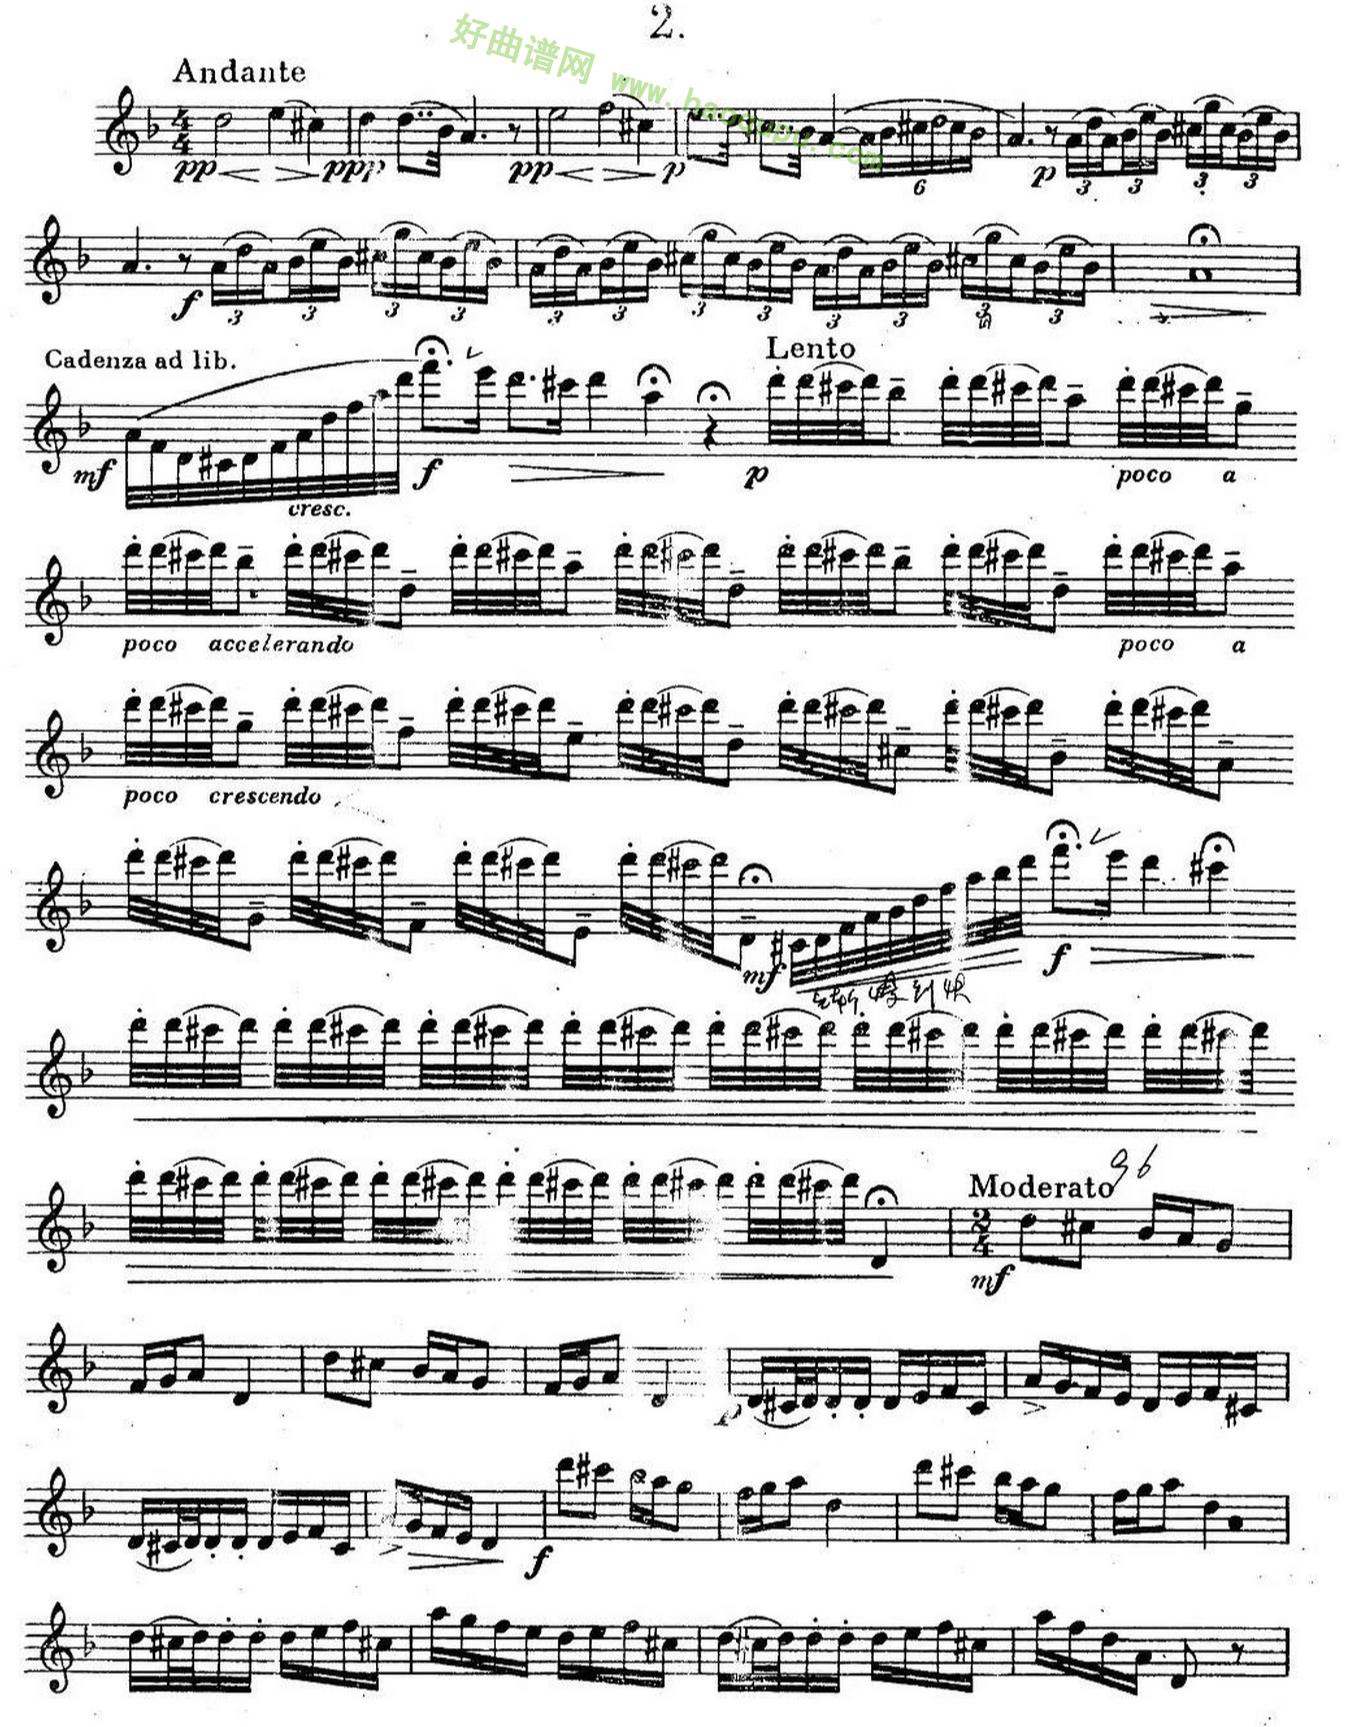 《奇特克萨克斯练习曲之二》萨克斯简谱第1张